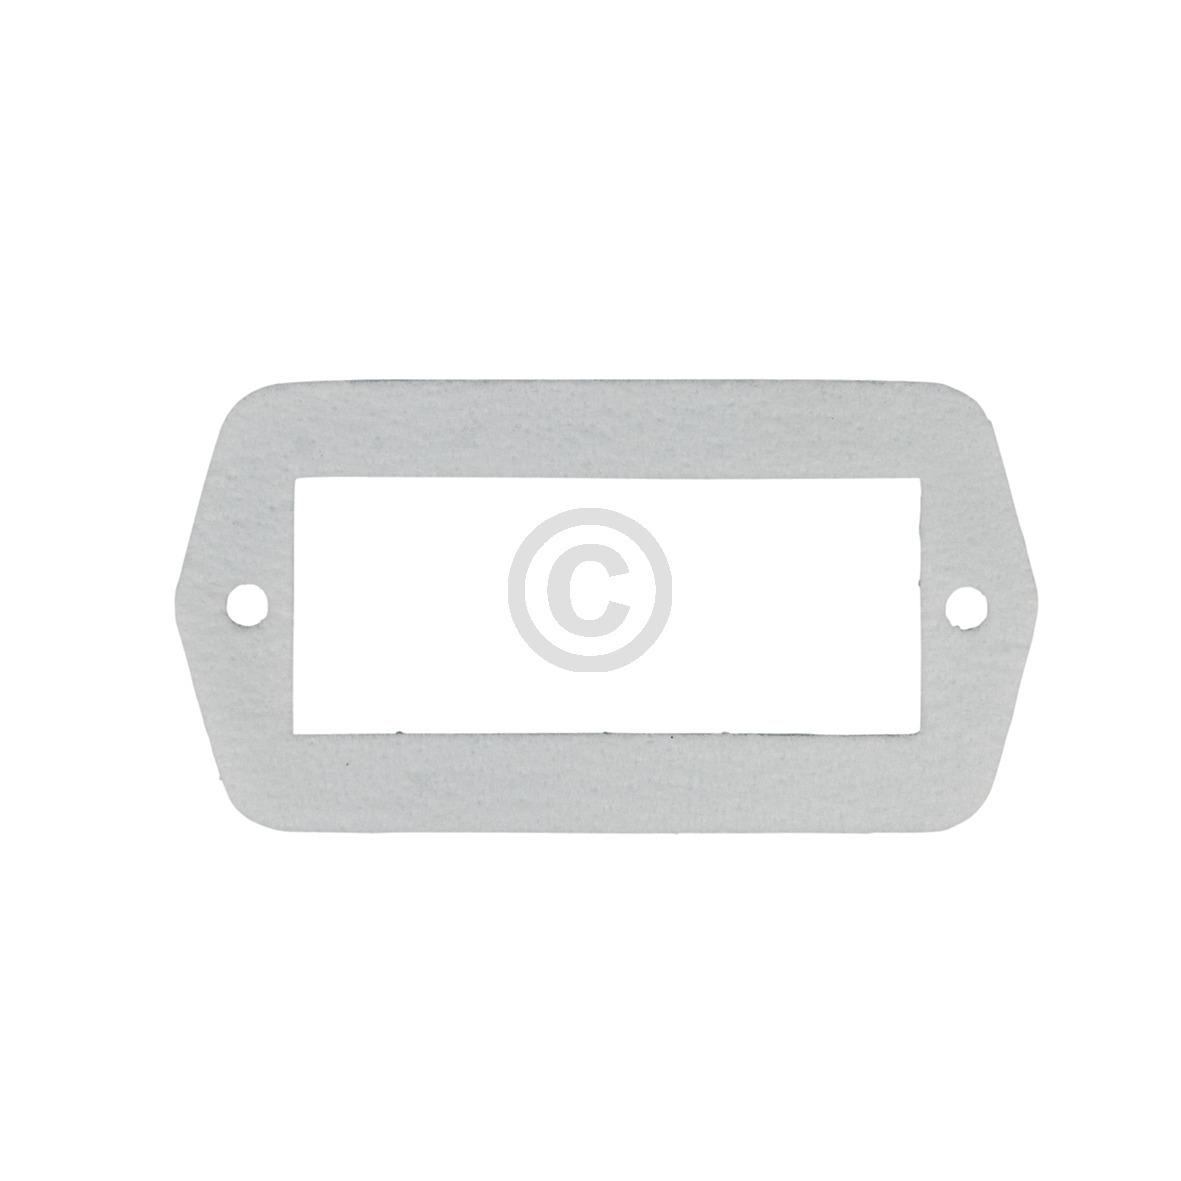 Lampenabdeckungsdichtung Gaggenau 00160643 Original für Herd Bosch, Siemens, Nef